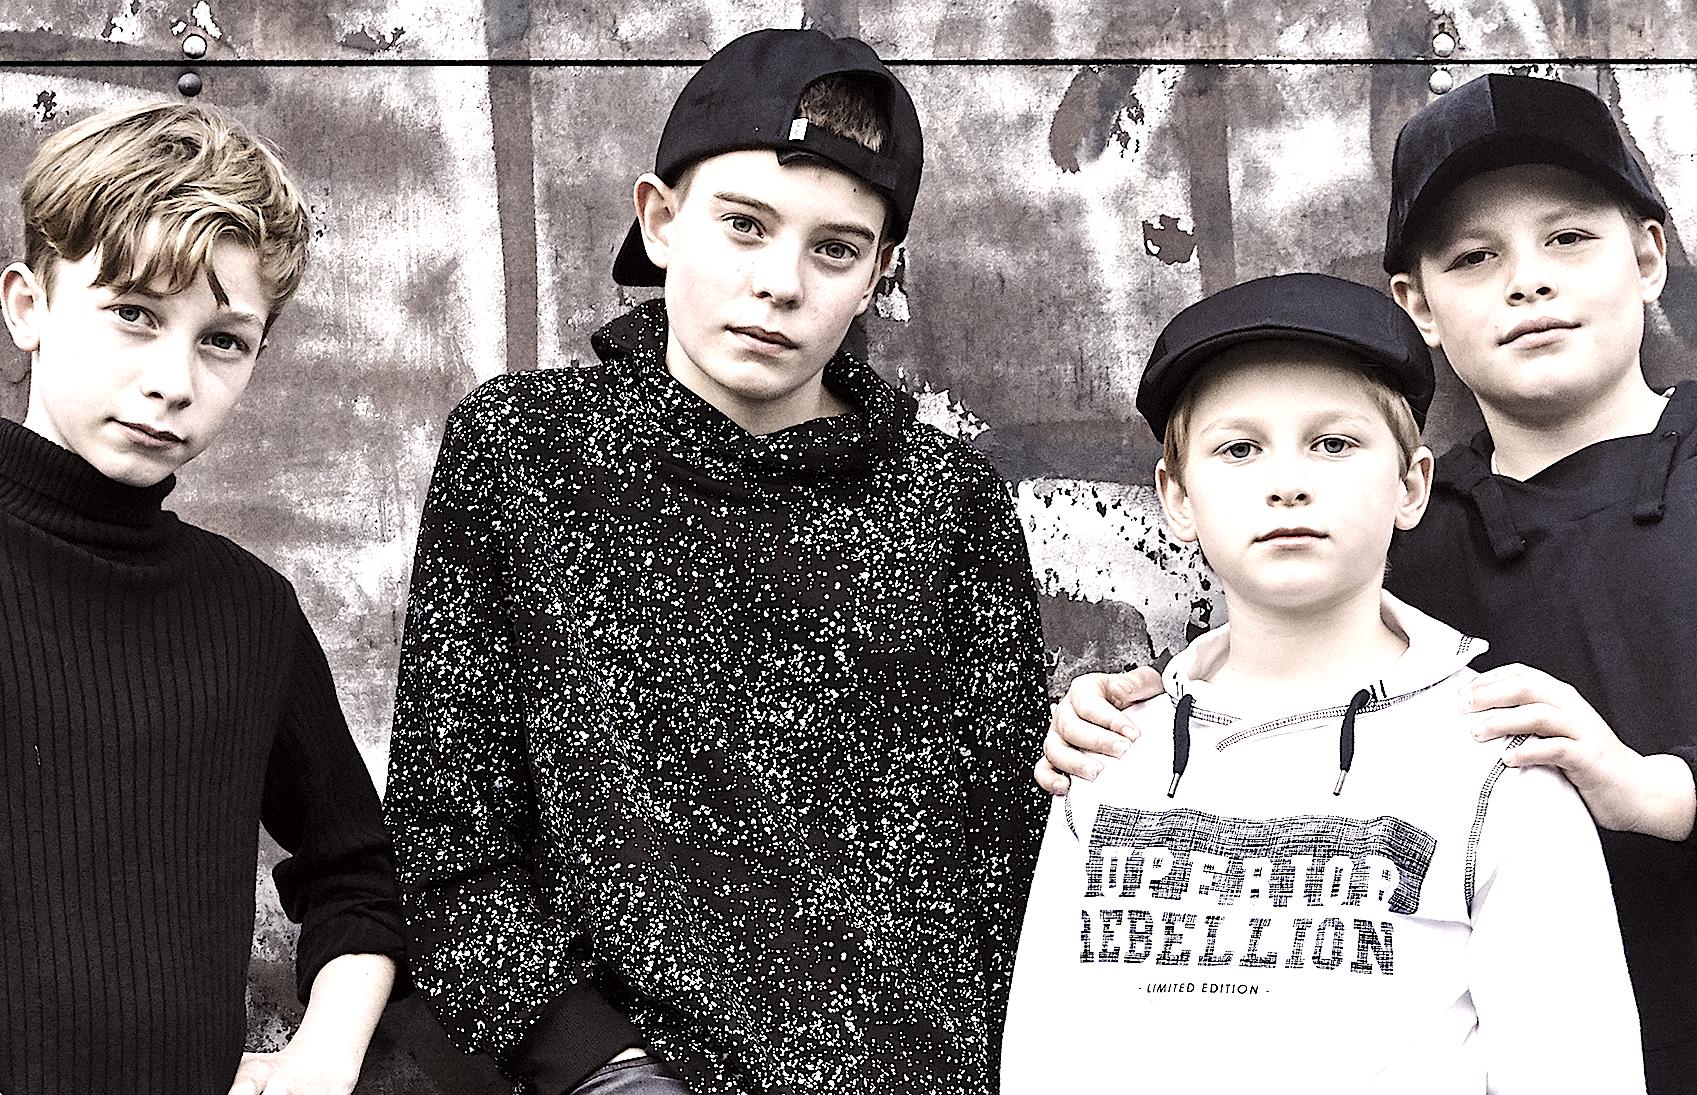 Boyband kendt fra MGP udgivereget nummer og musikvideo